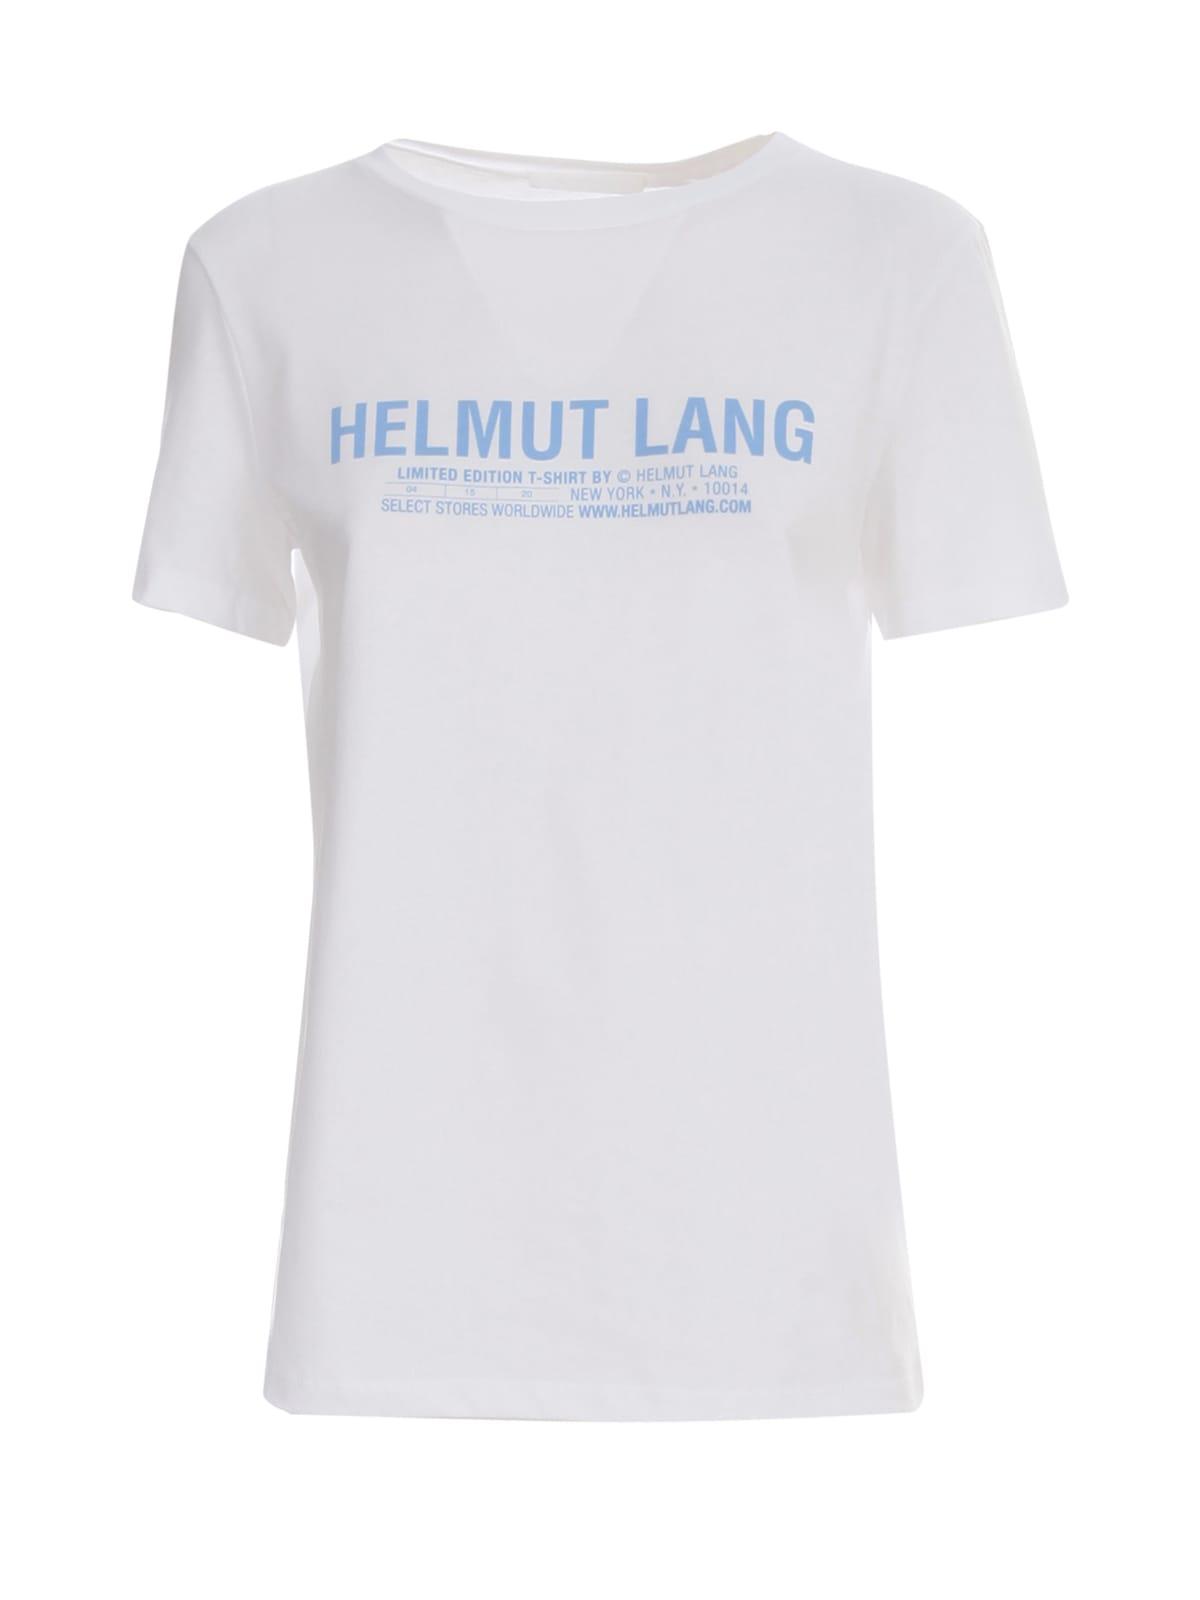 Helmut Lang WRITTEN LOGO T-SHIRT